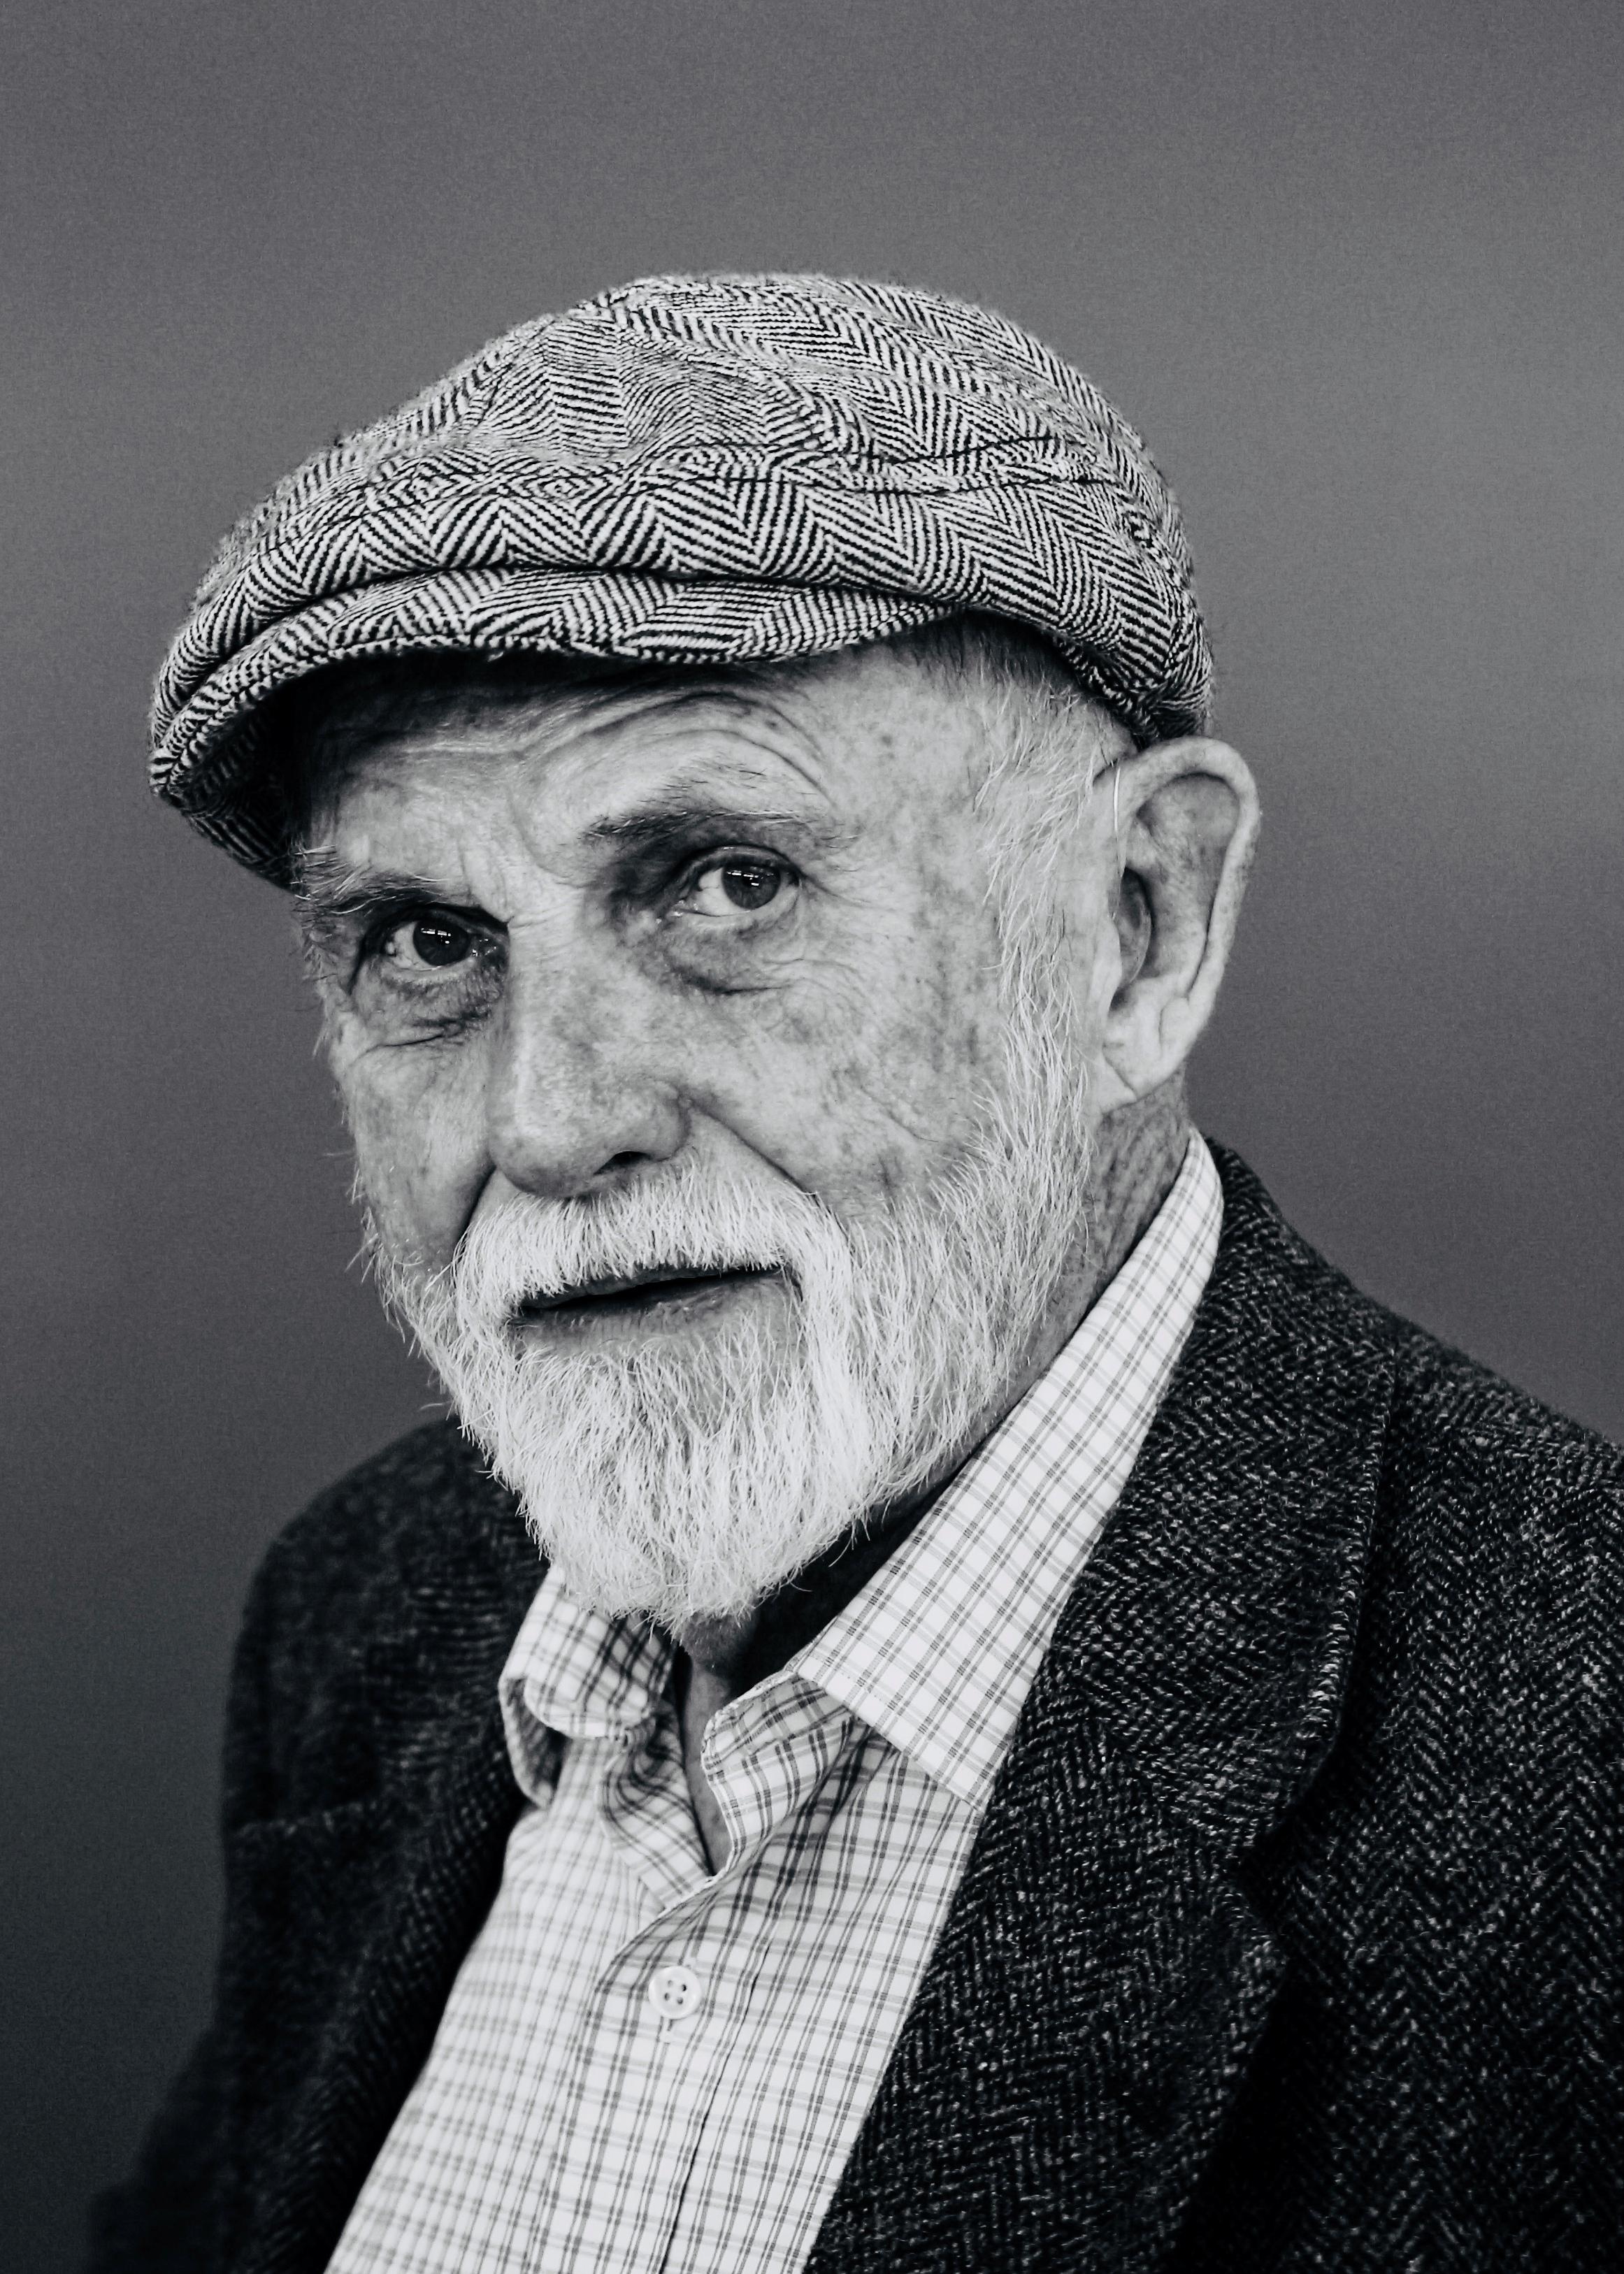 Robert Newell Chappell